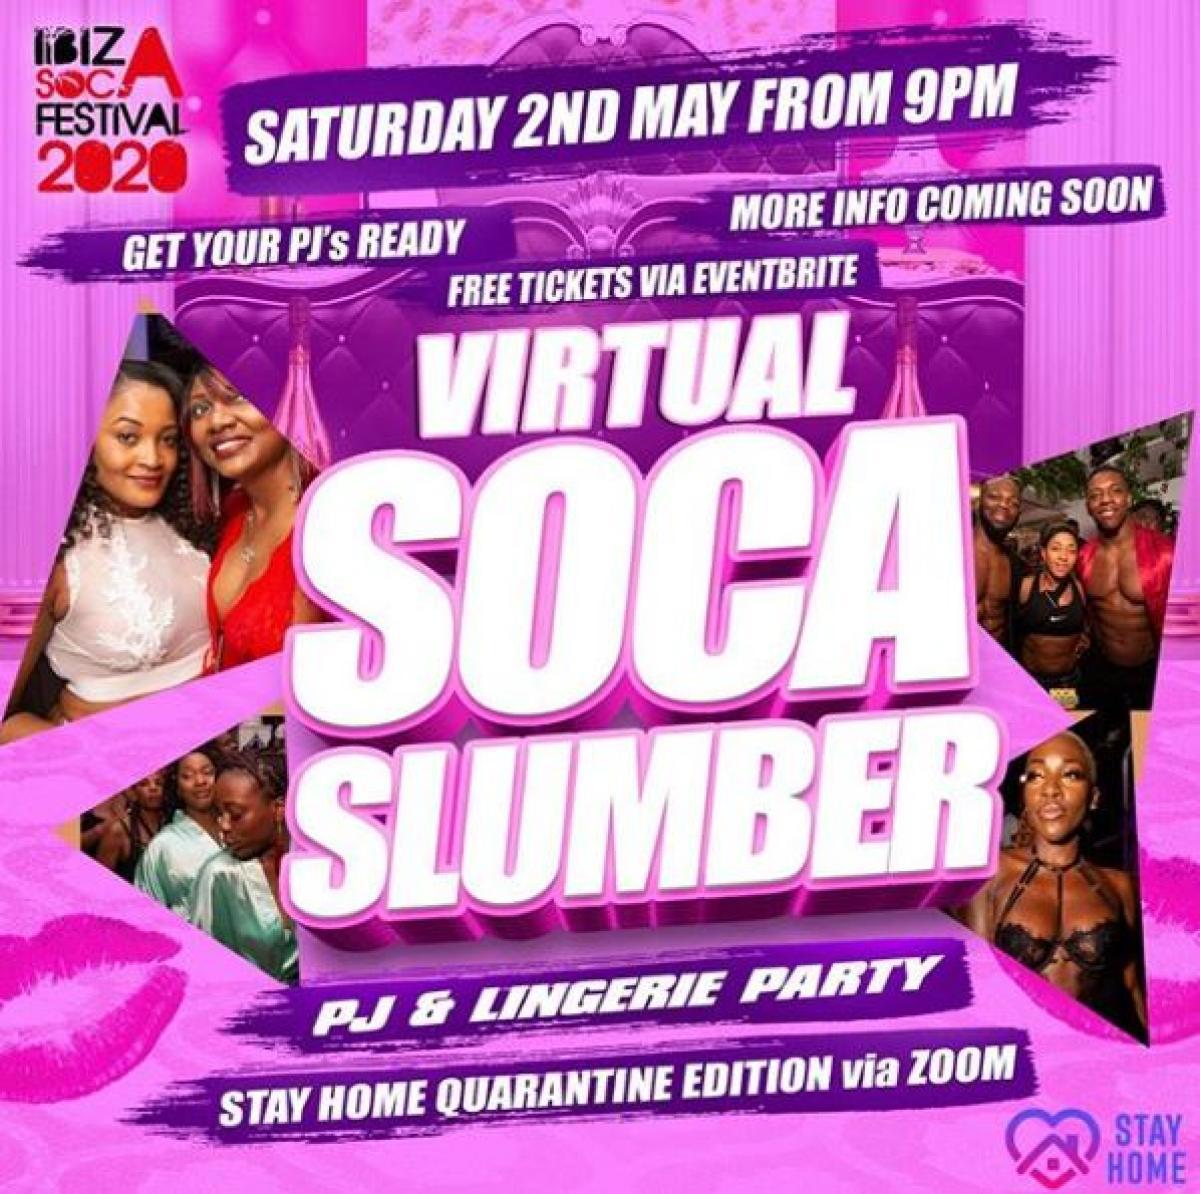 Virtual Soca Slumber Party flyer or graphic.